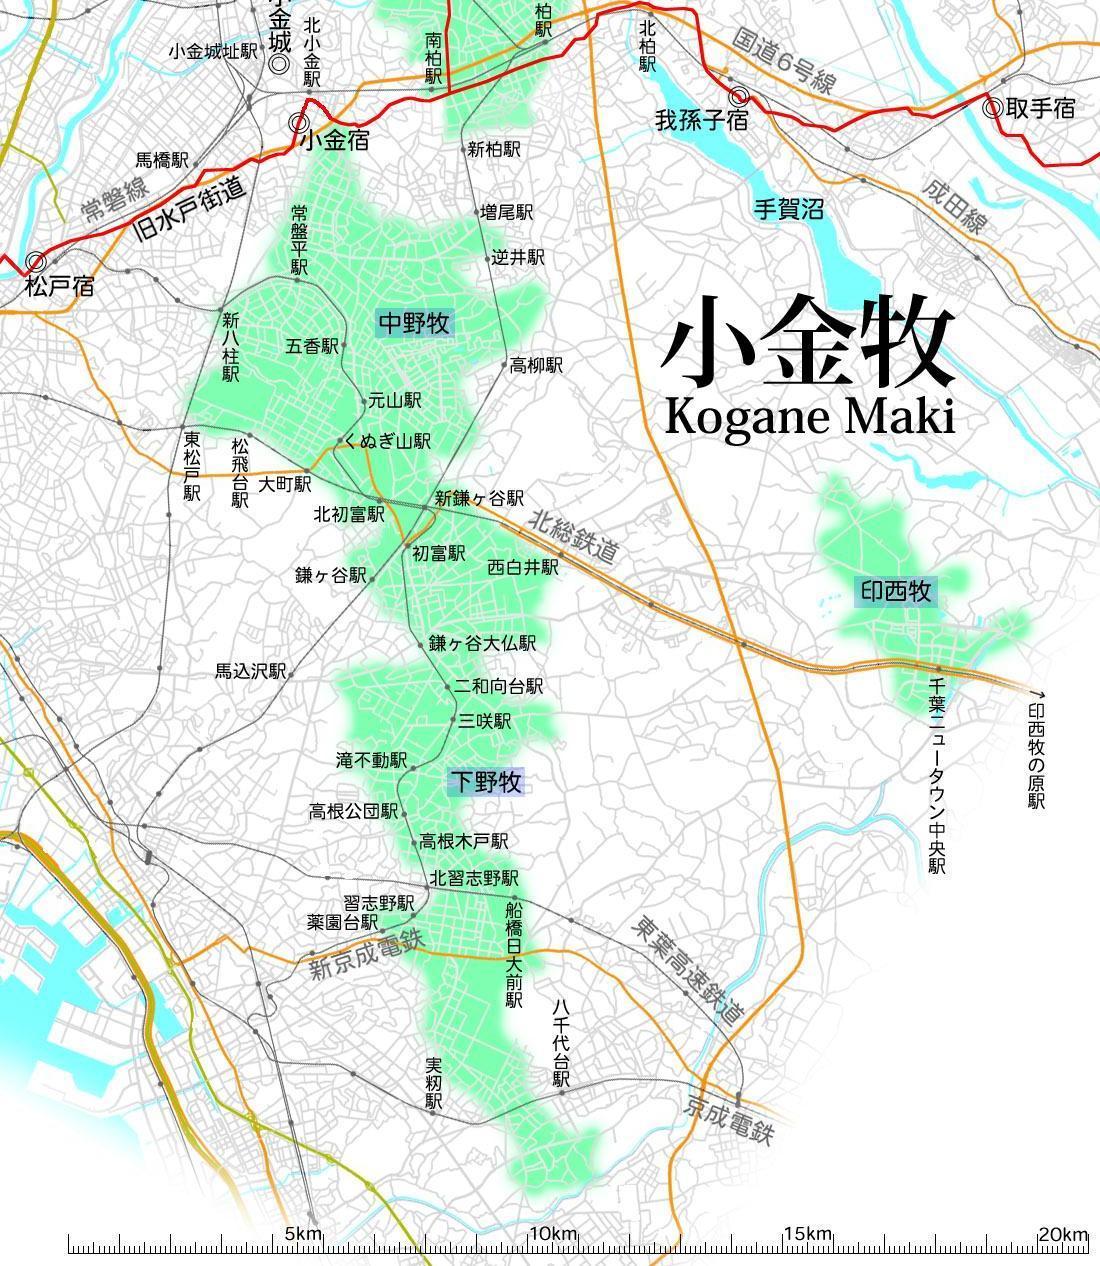 小金牧1 Map-koganemaki